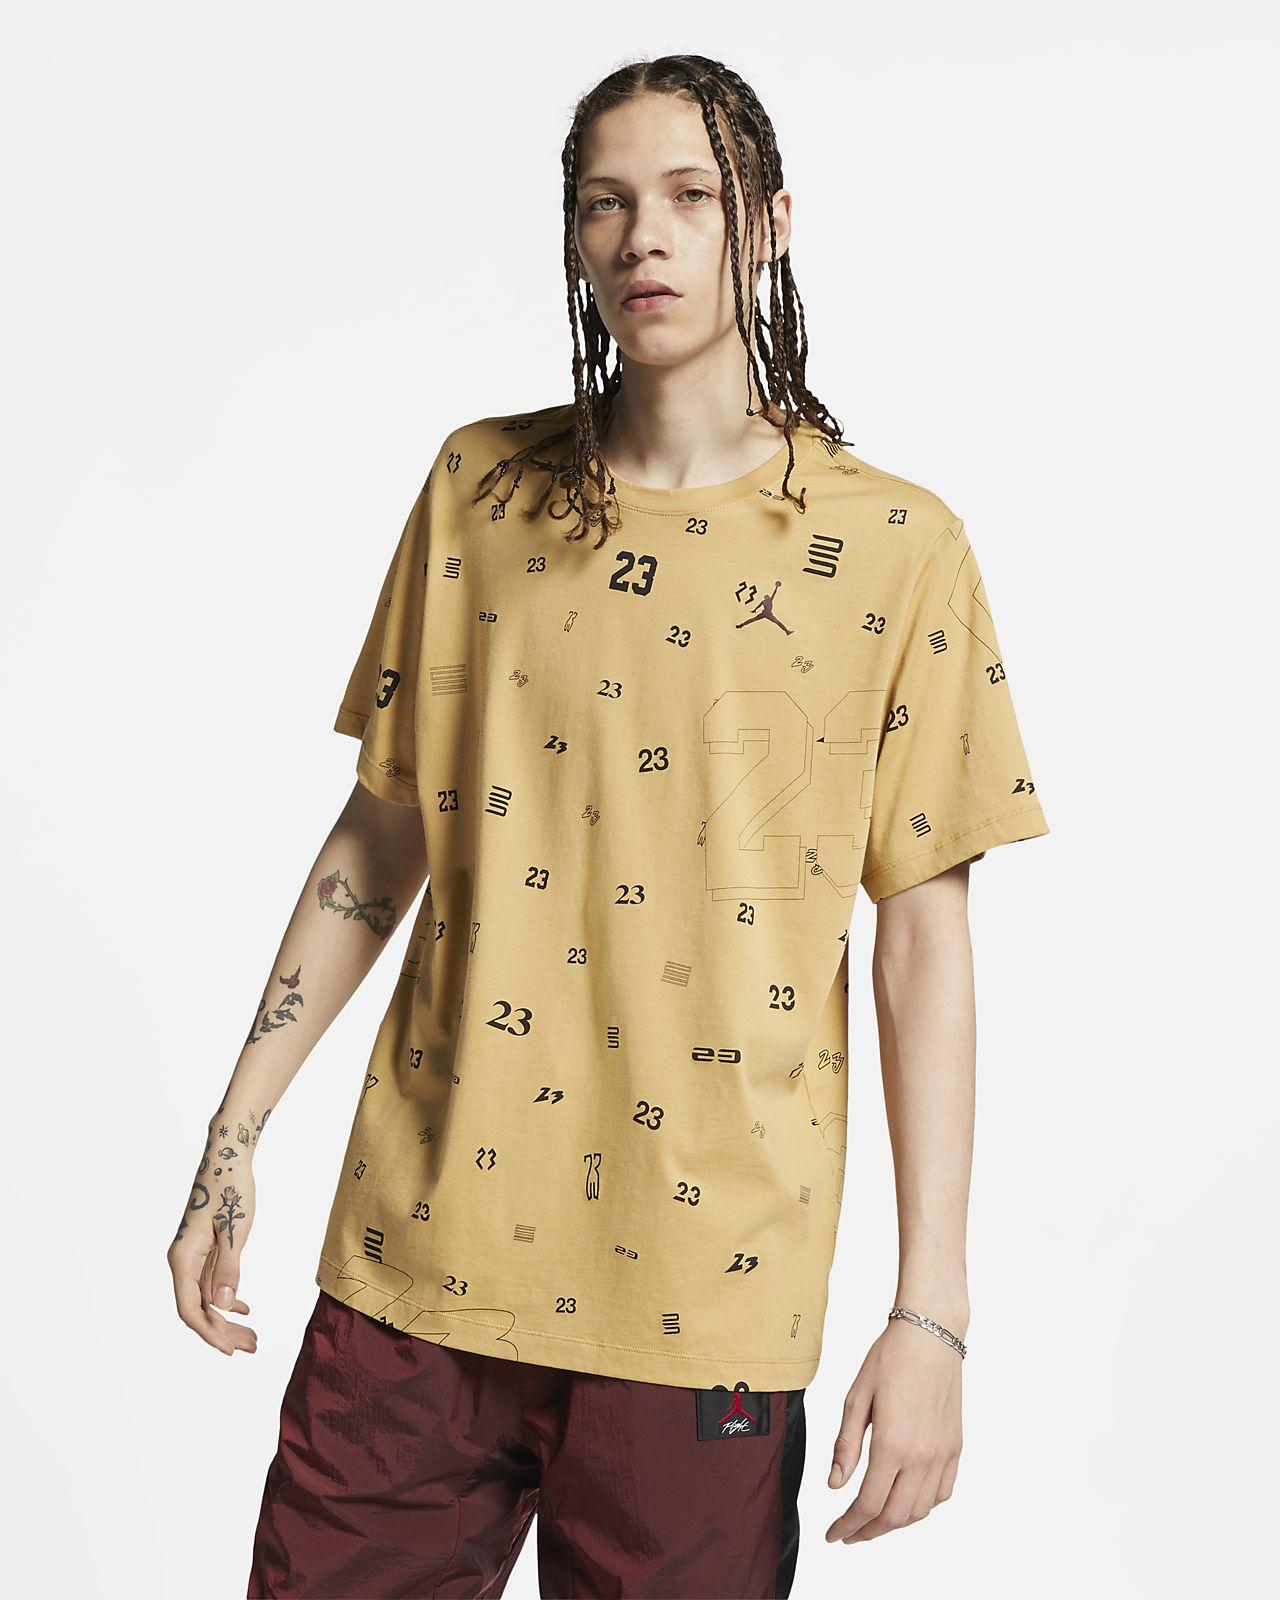 เสื้อยืดผู้ชายพิมพ์ลาย Jordan 23